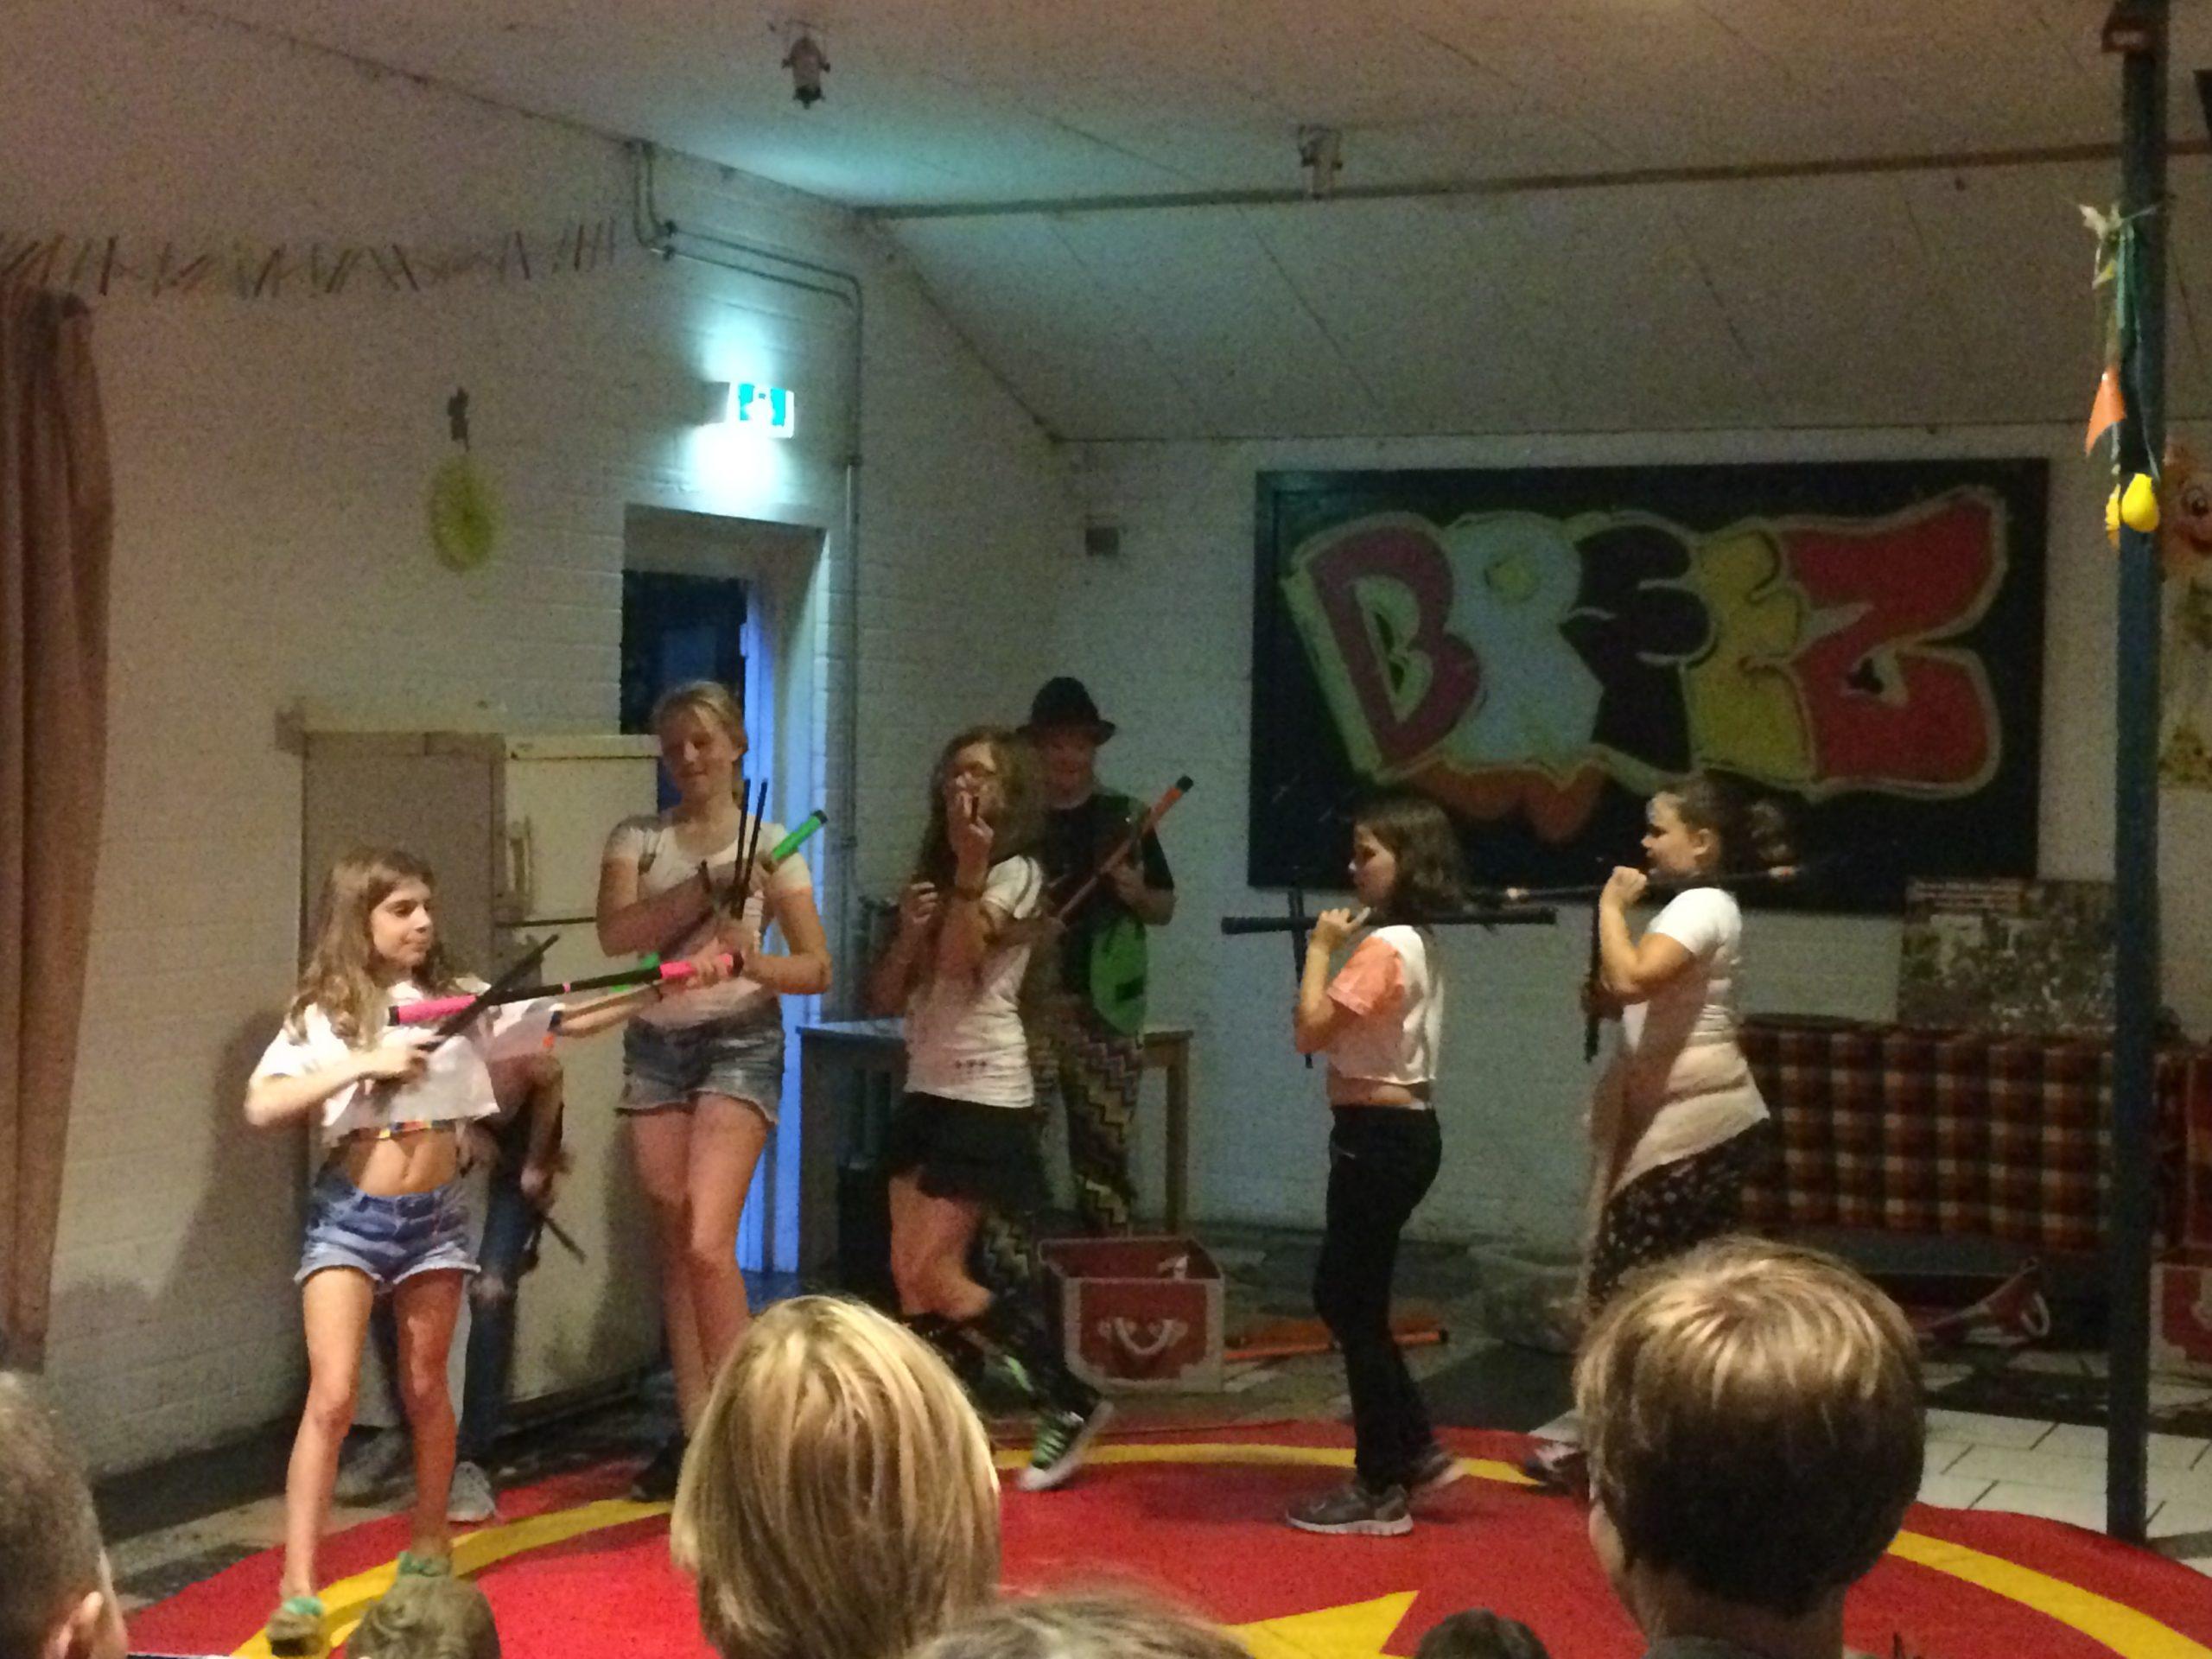 Eindshow door de kinderen als afsluiting van de circus workshops door Circus Kiko